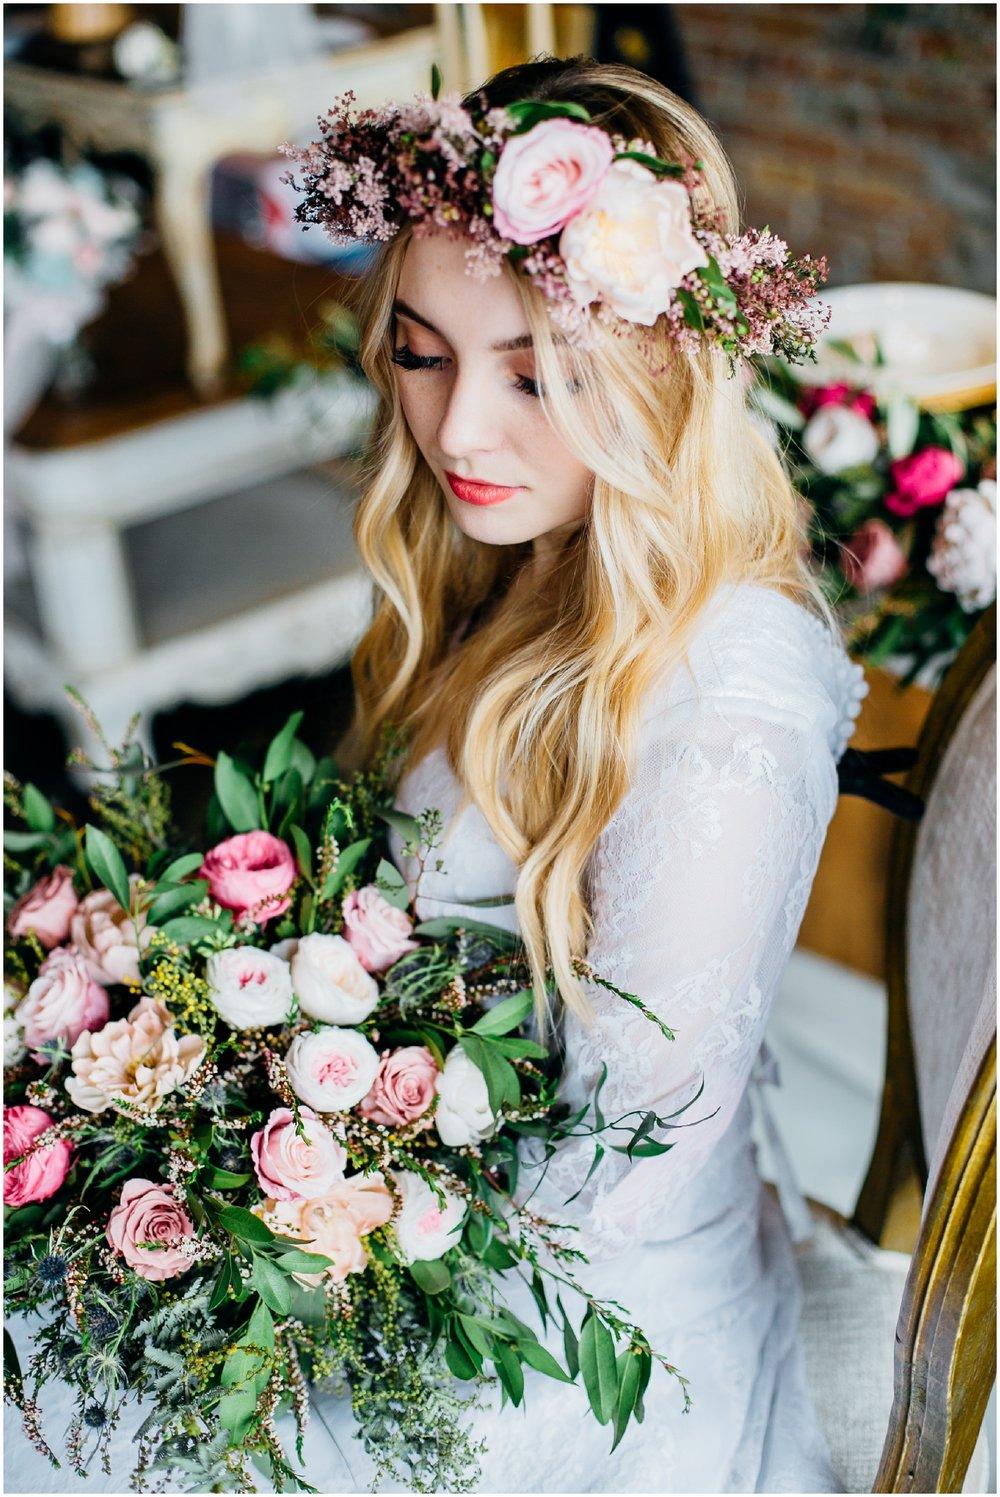 idaho-adventure-photographer-idaho-falls-engagements-wyoming-engagements-colorado-wyoming-wedding-photographer_1015.jpg